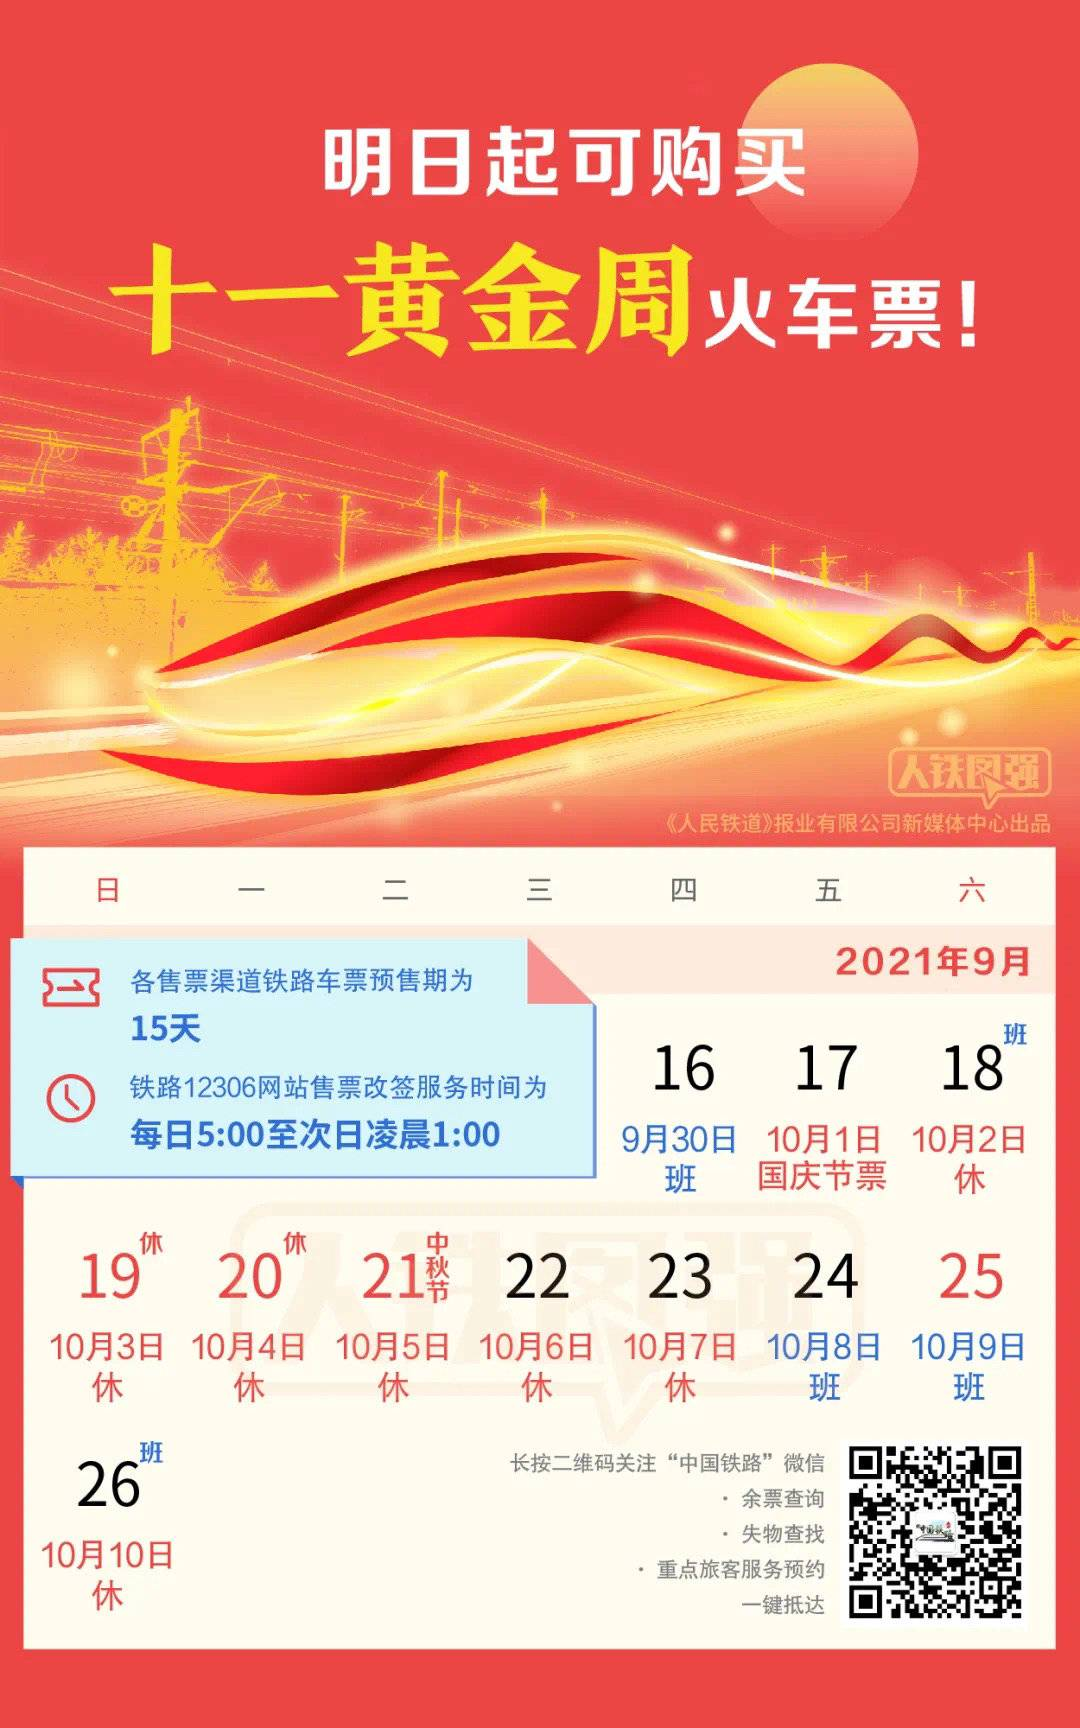 @国庆出行大军 即日起可购买10月7日火车票